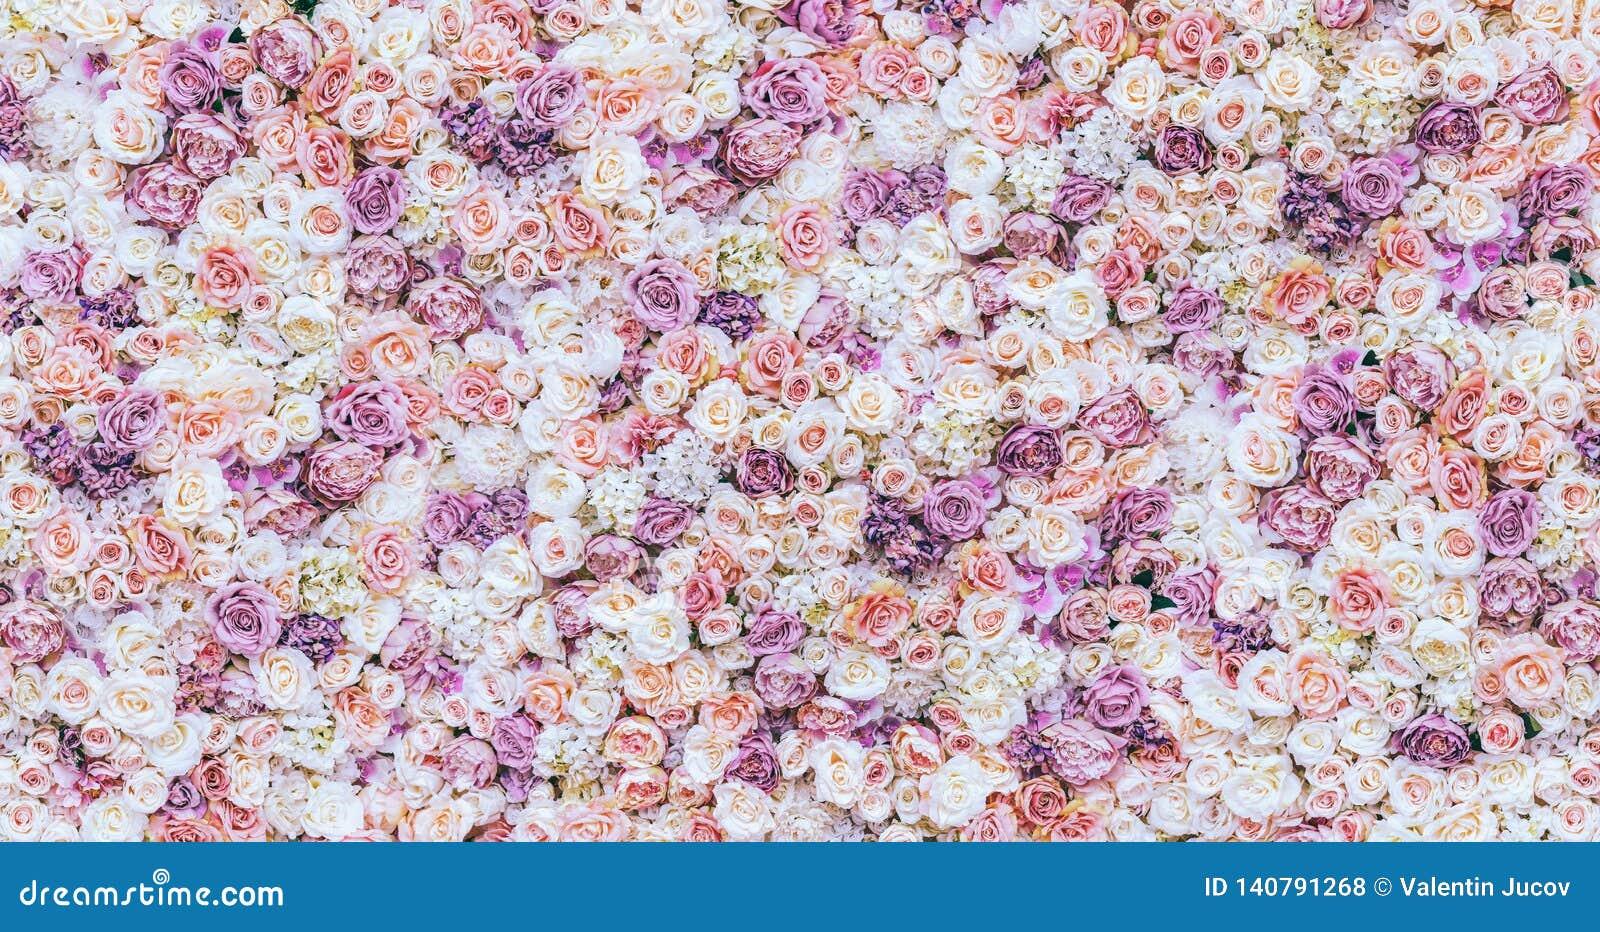 Fondo de la pared de las flores con sorprender las rosas rojas y blancas, casandose la decoración, hecha a mano tono